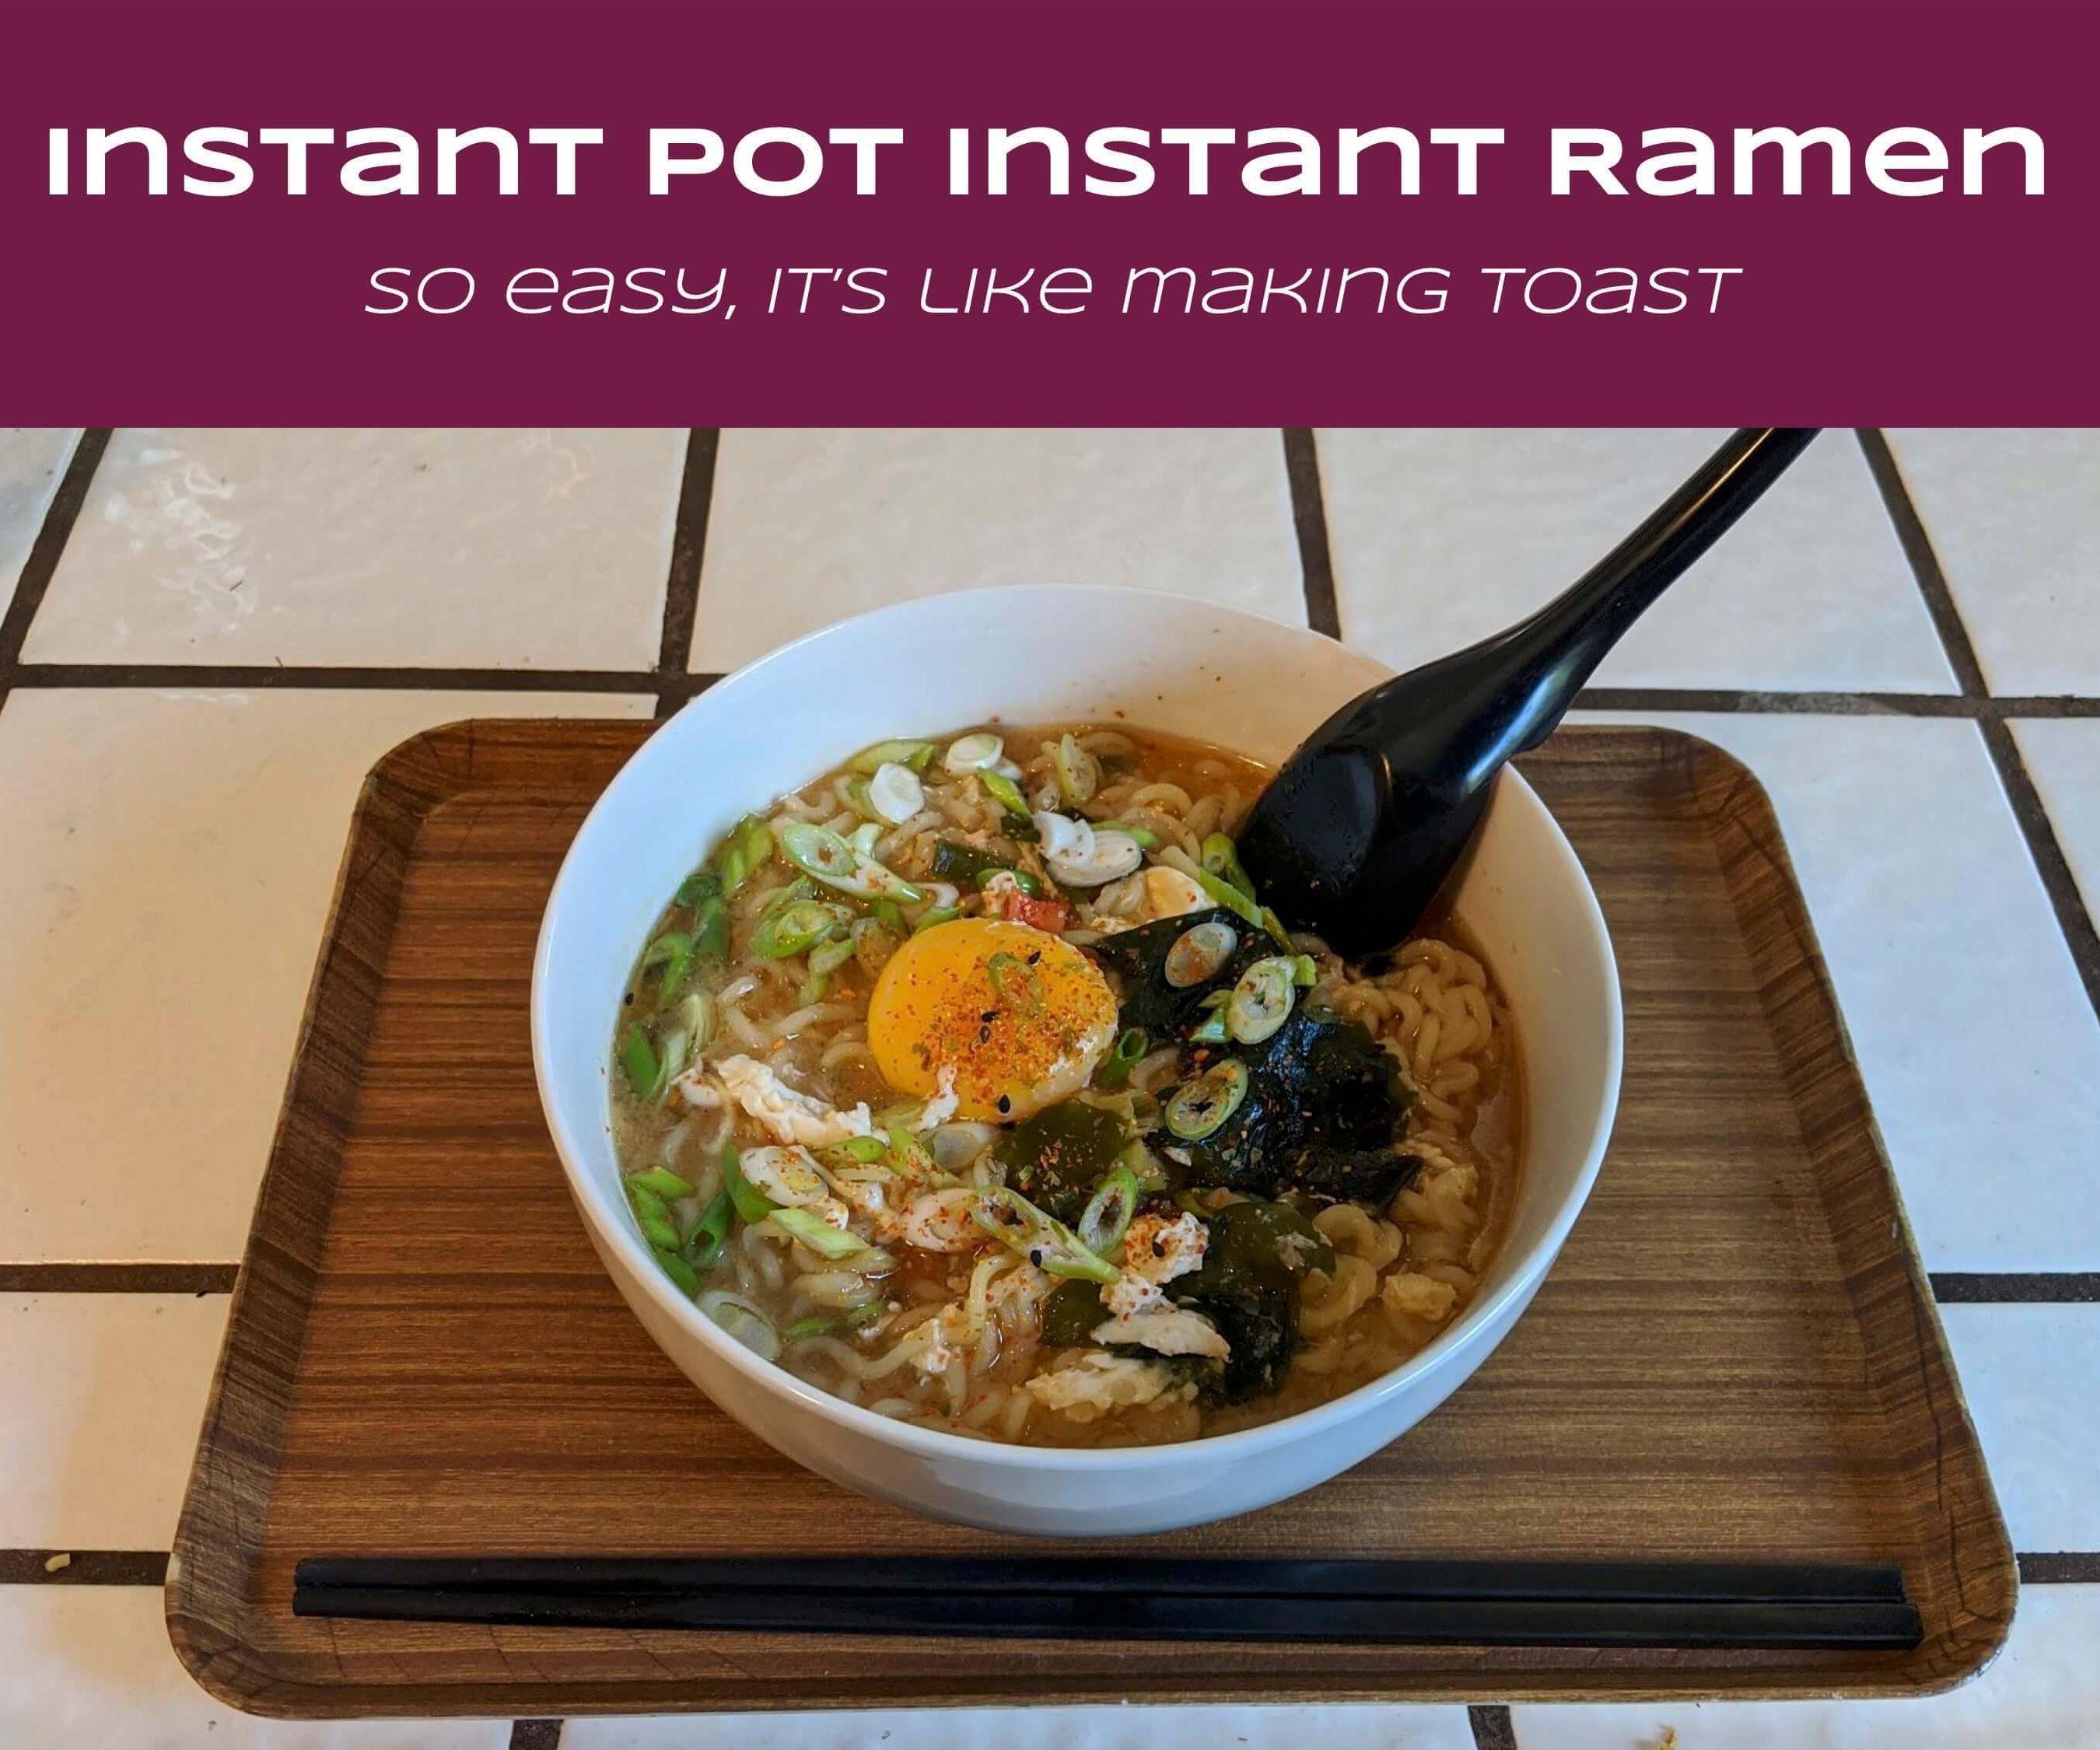 Instant Pot Instant Ramen